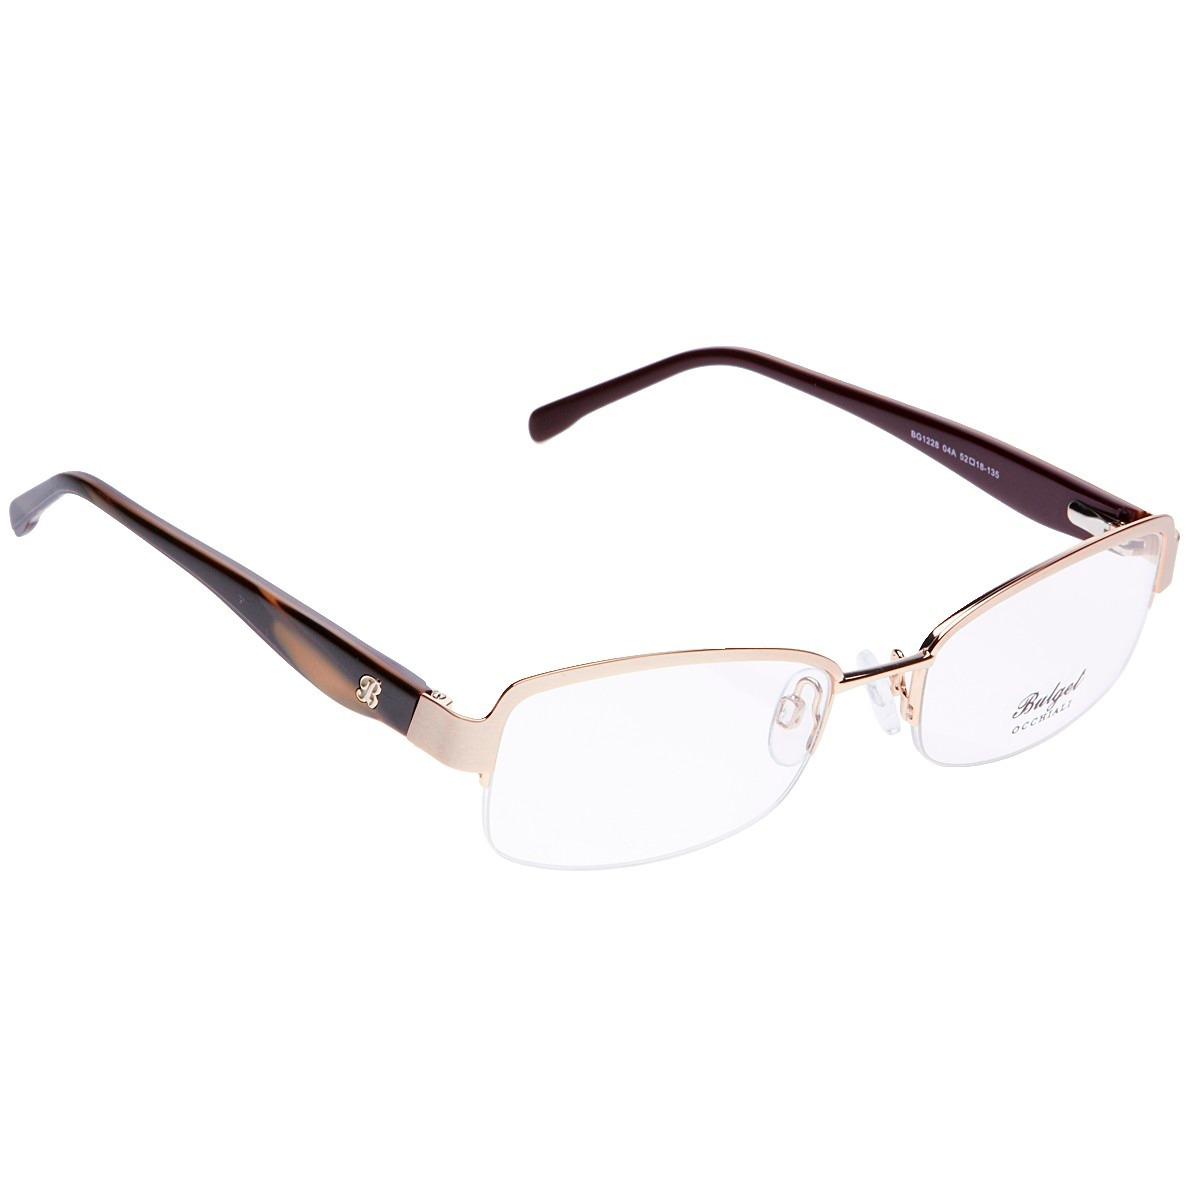 7452c2c63ac94 Óculos De Grau Bulget Bg 1228 04a (original)12 X S juros - R  260,00 ...